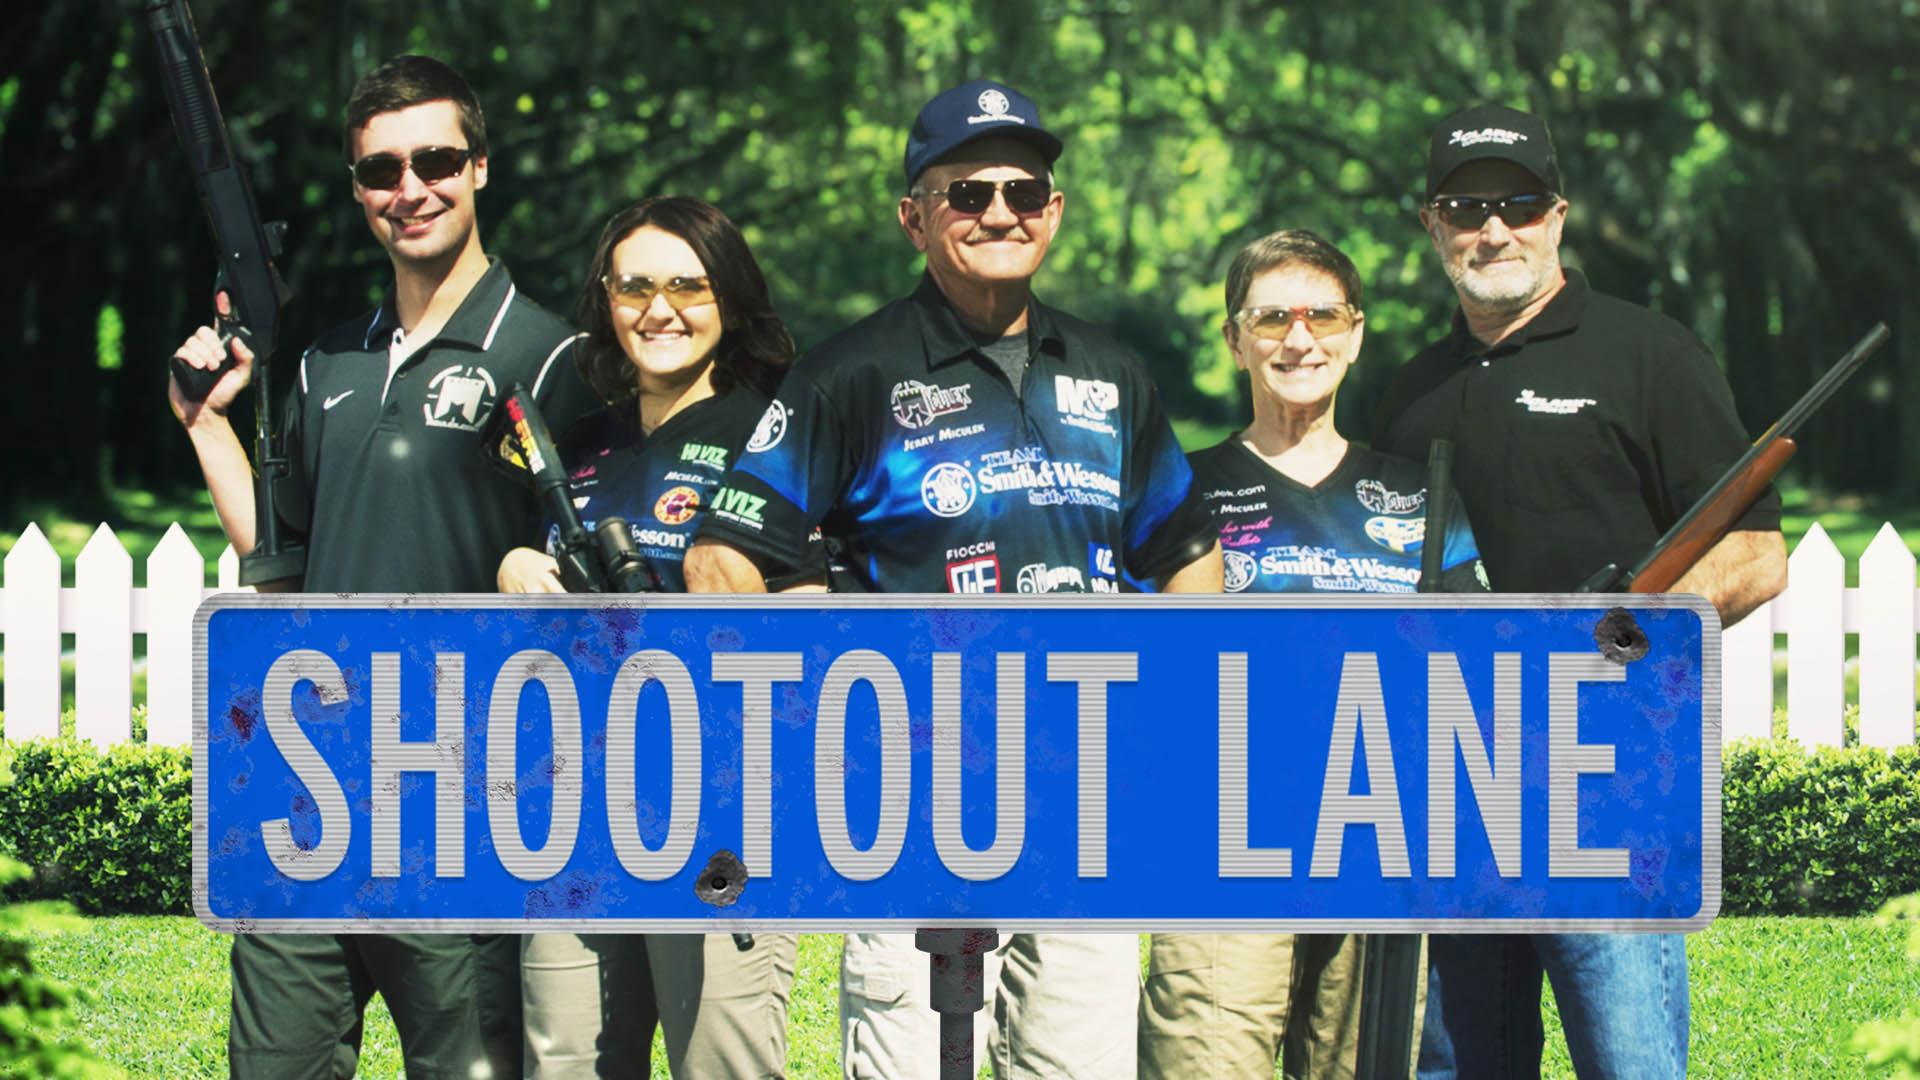 Shootout Lane